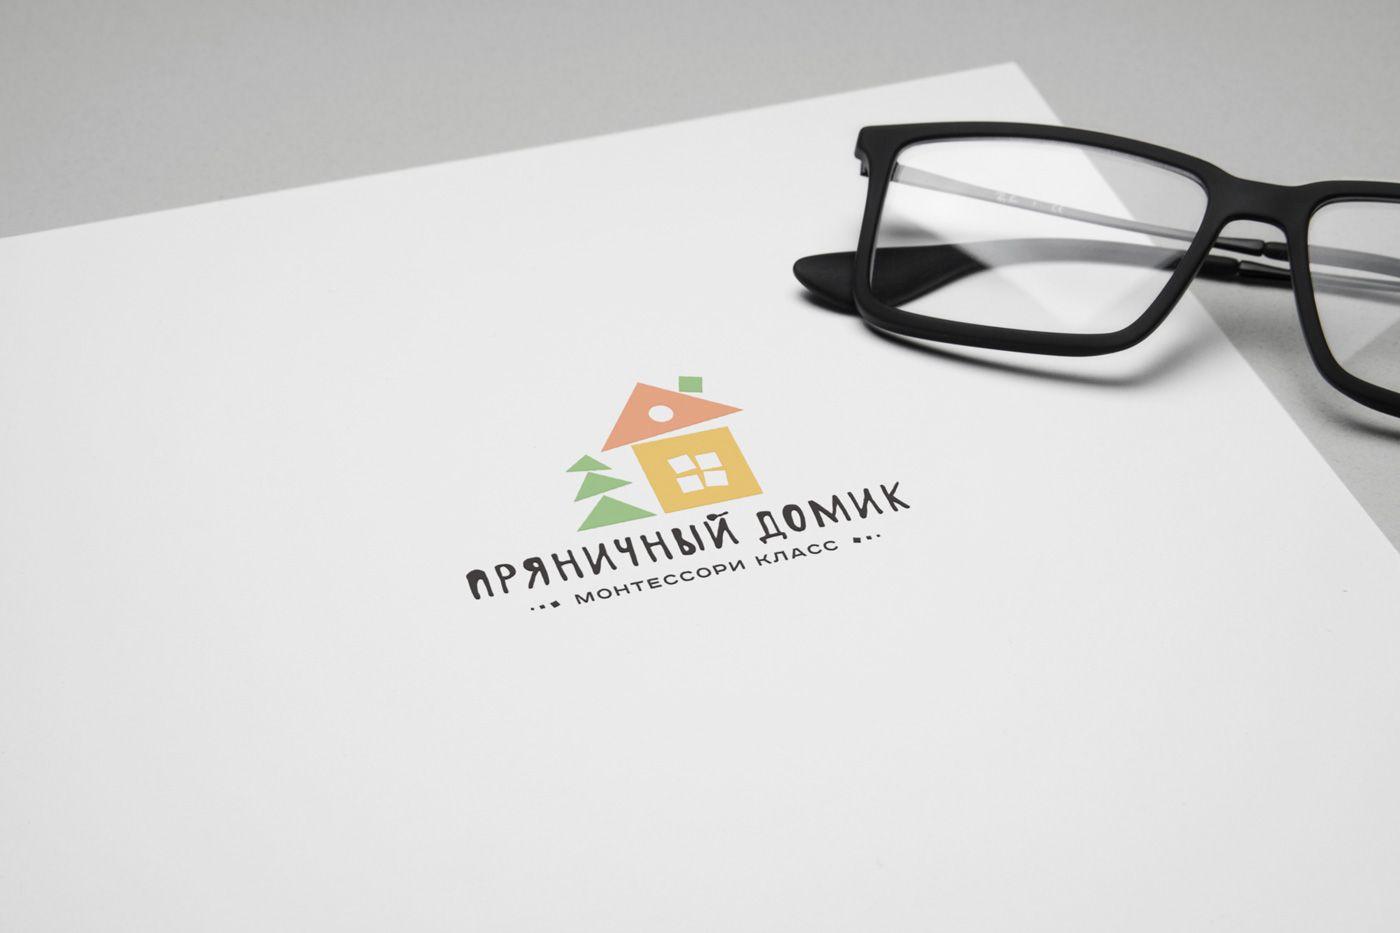 Логотип для ПРЯНИЧНЫЙ ДОМИК монтессори класс - дизайнер mz777